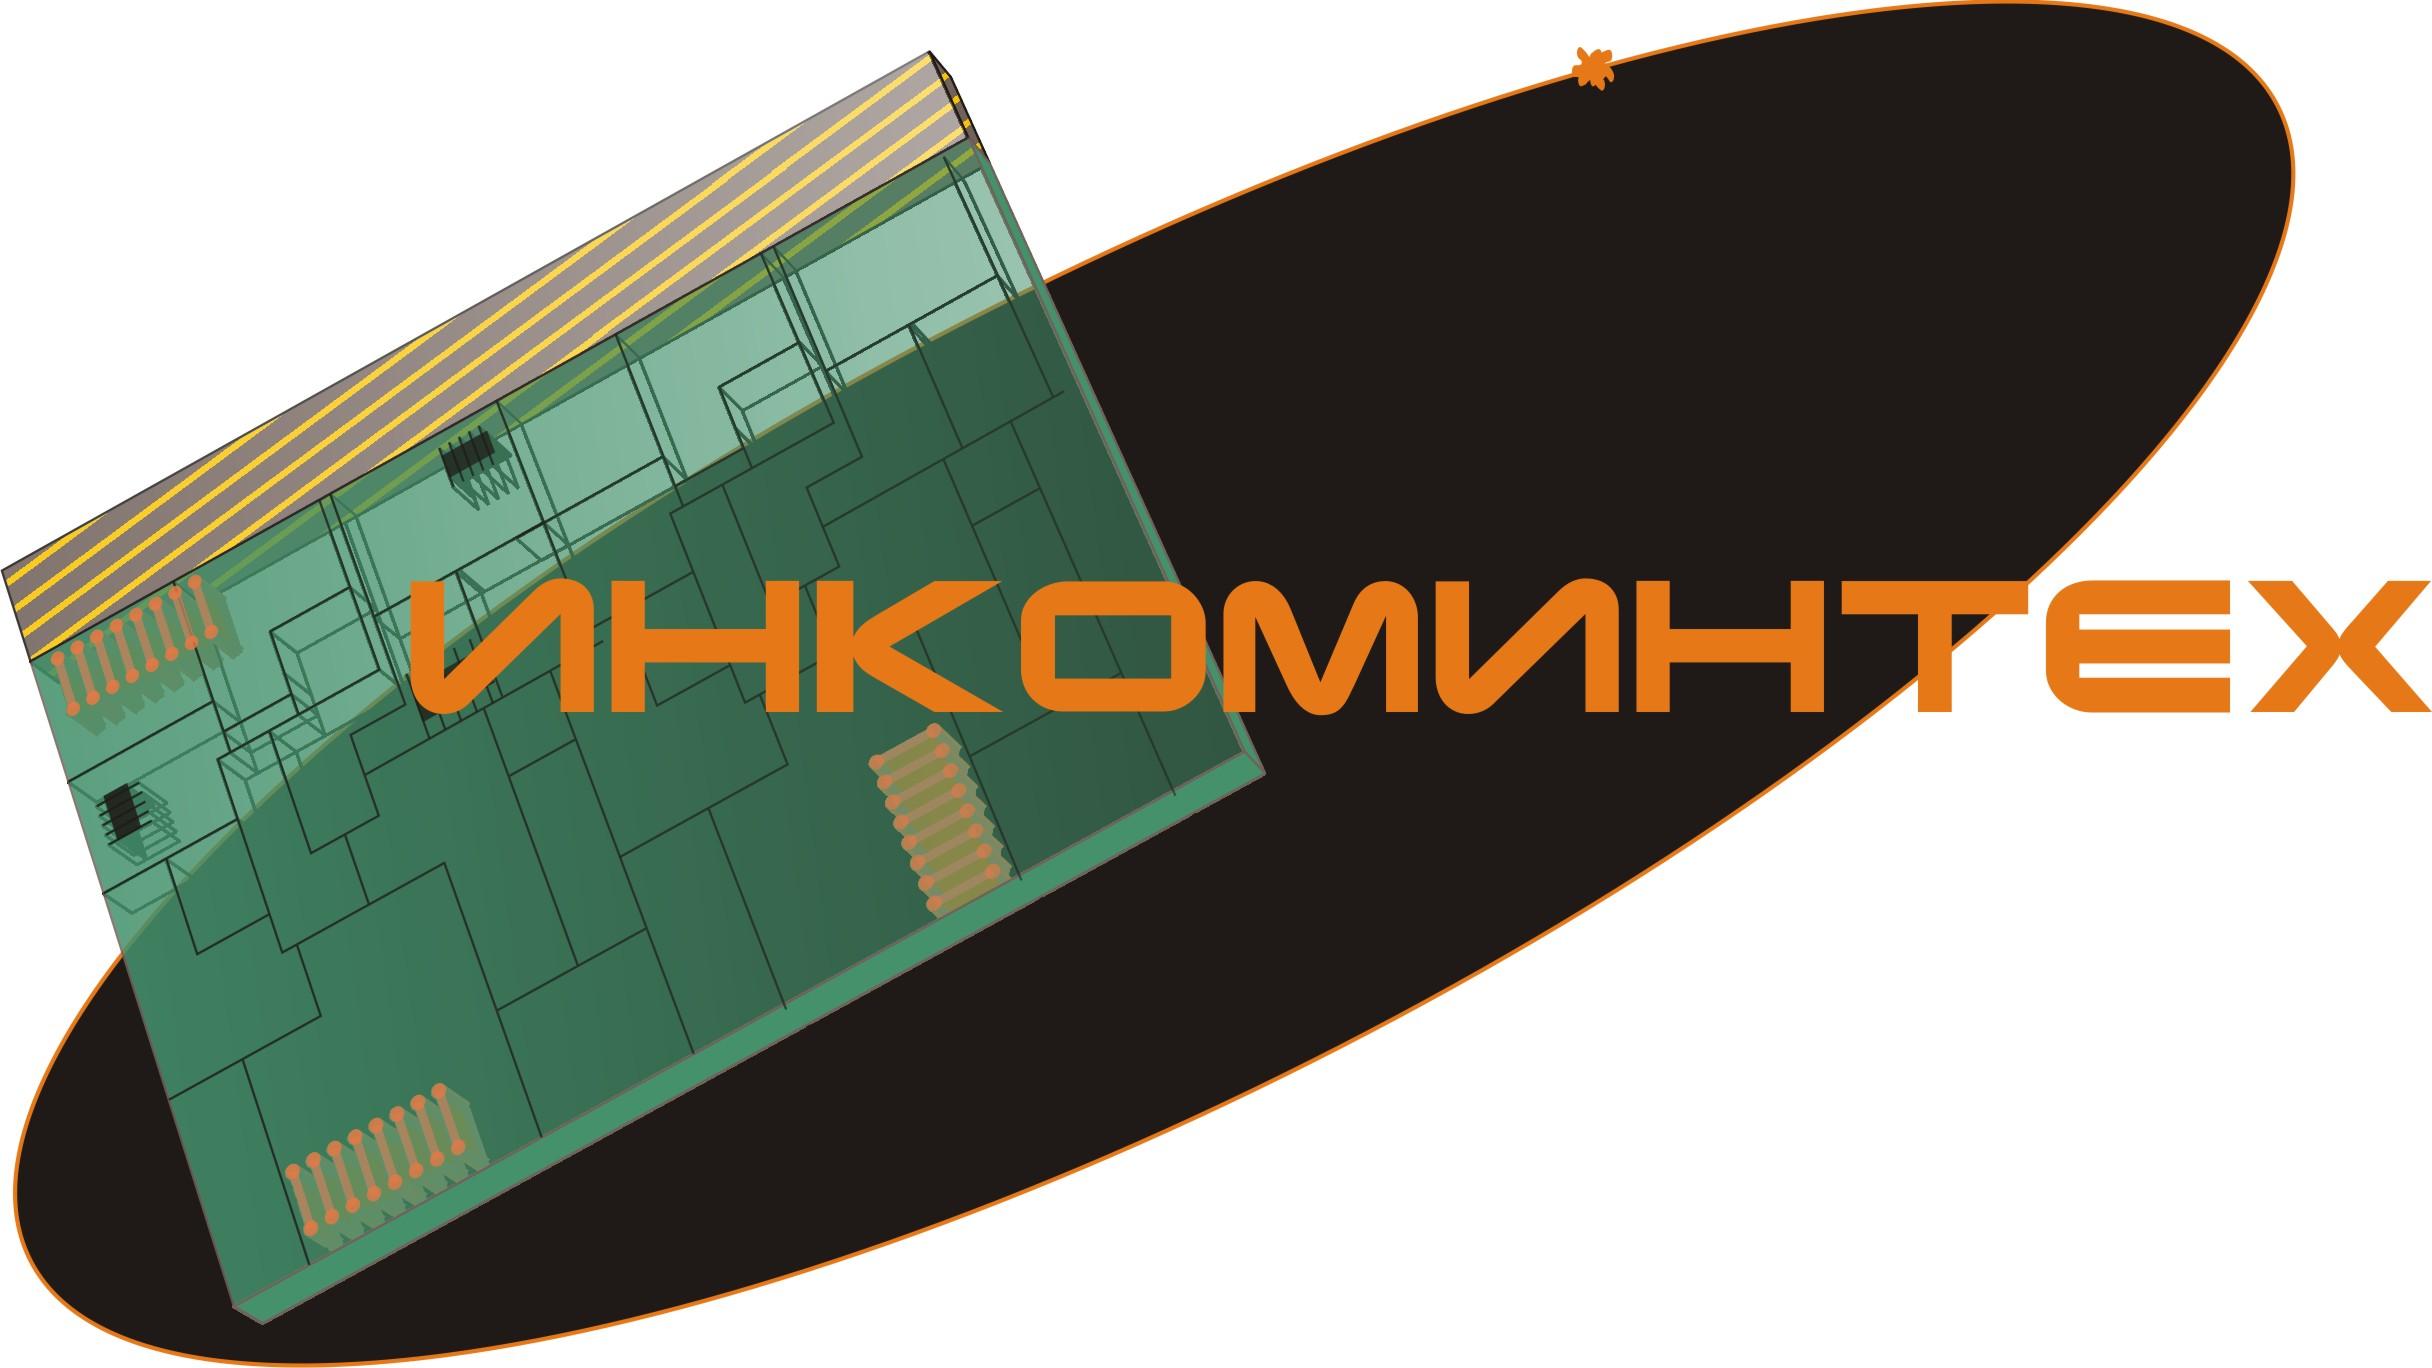 """Разработка логотипа компании """"Инкоминтех"""" фото f_4da4ac5b10703.jpg"""